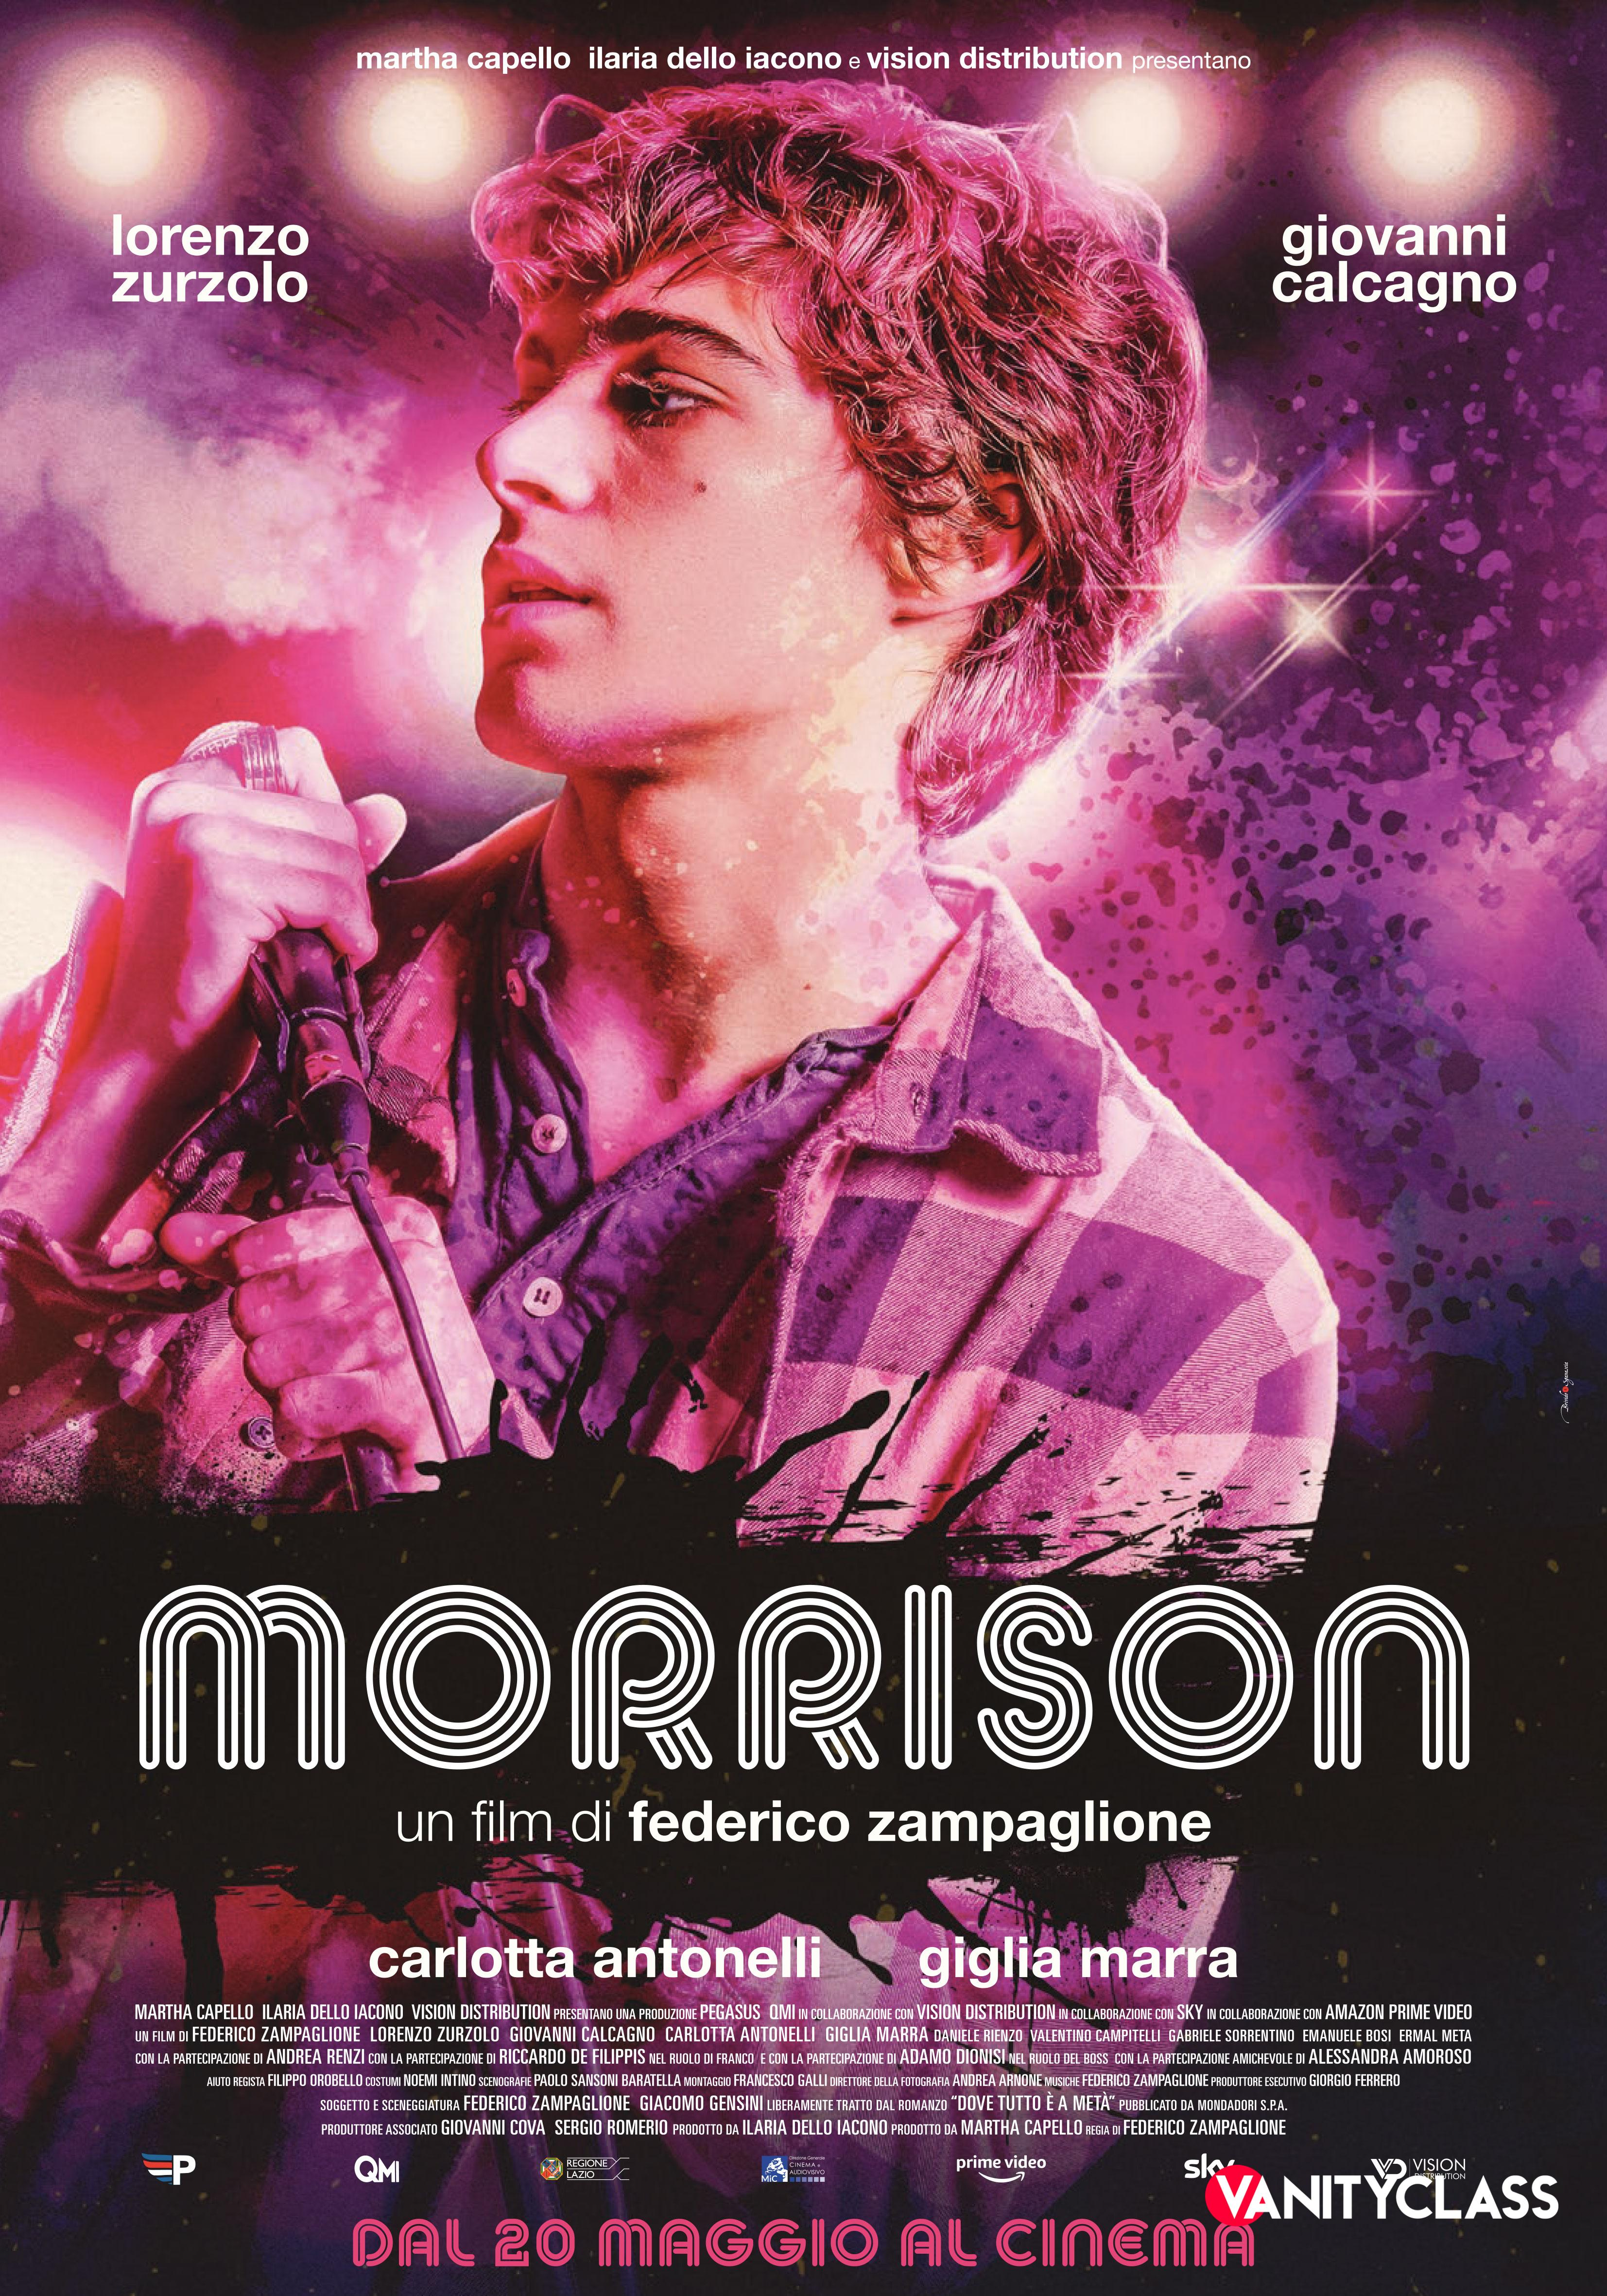 """MORRISON: """" UN FILM DI FEDERICO ZAMPAGLIONE"""""""